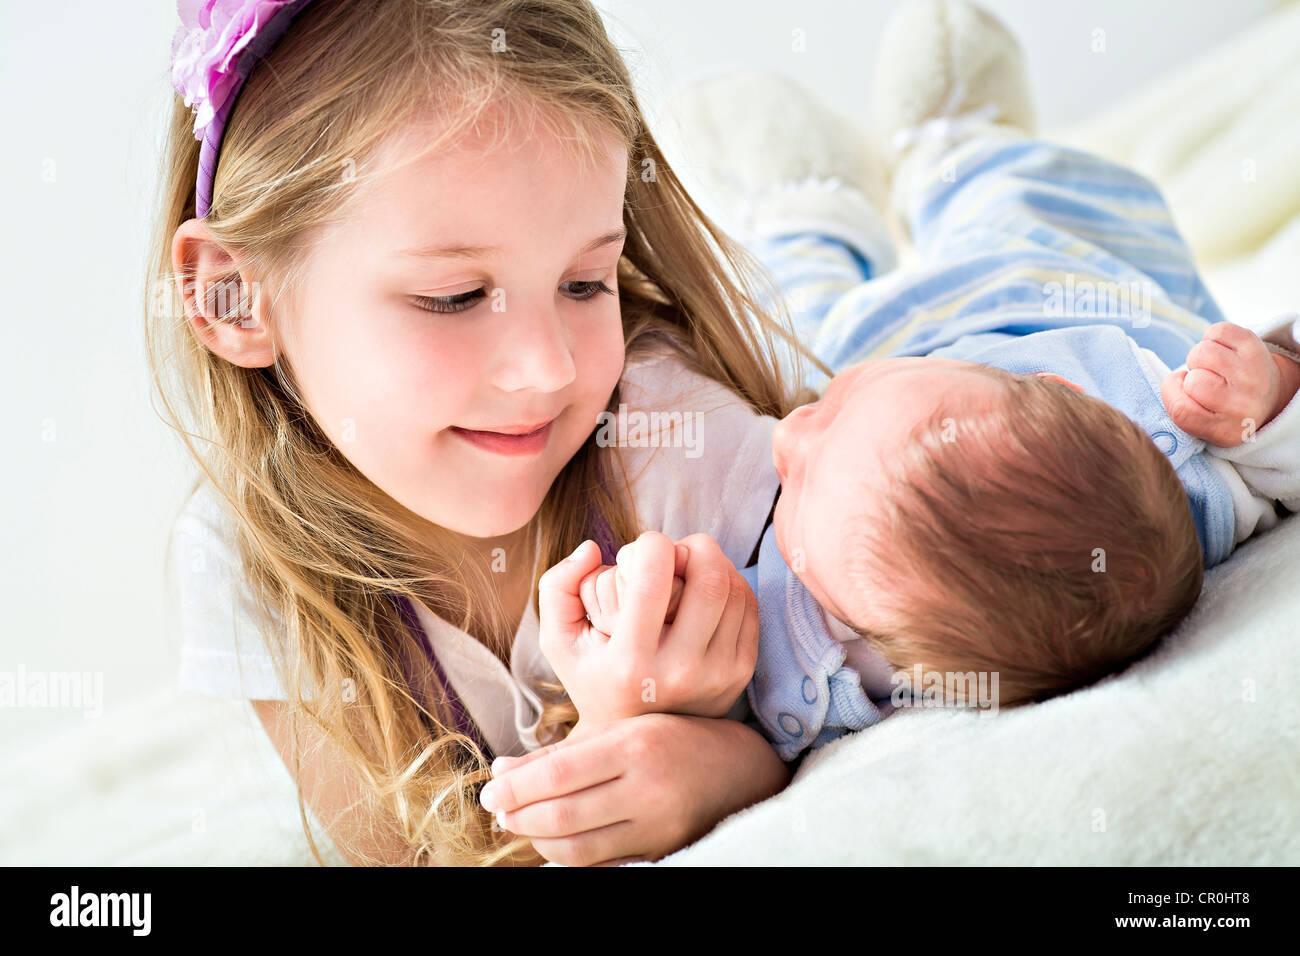 Una chica y un bebé, 1 mes Imagen De Stock